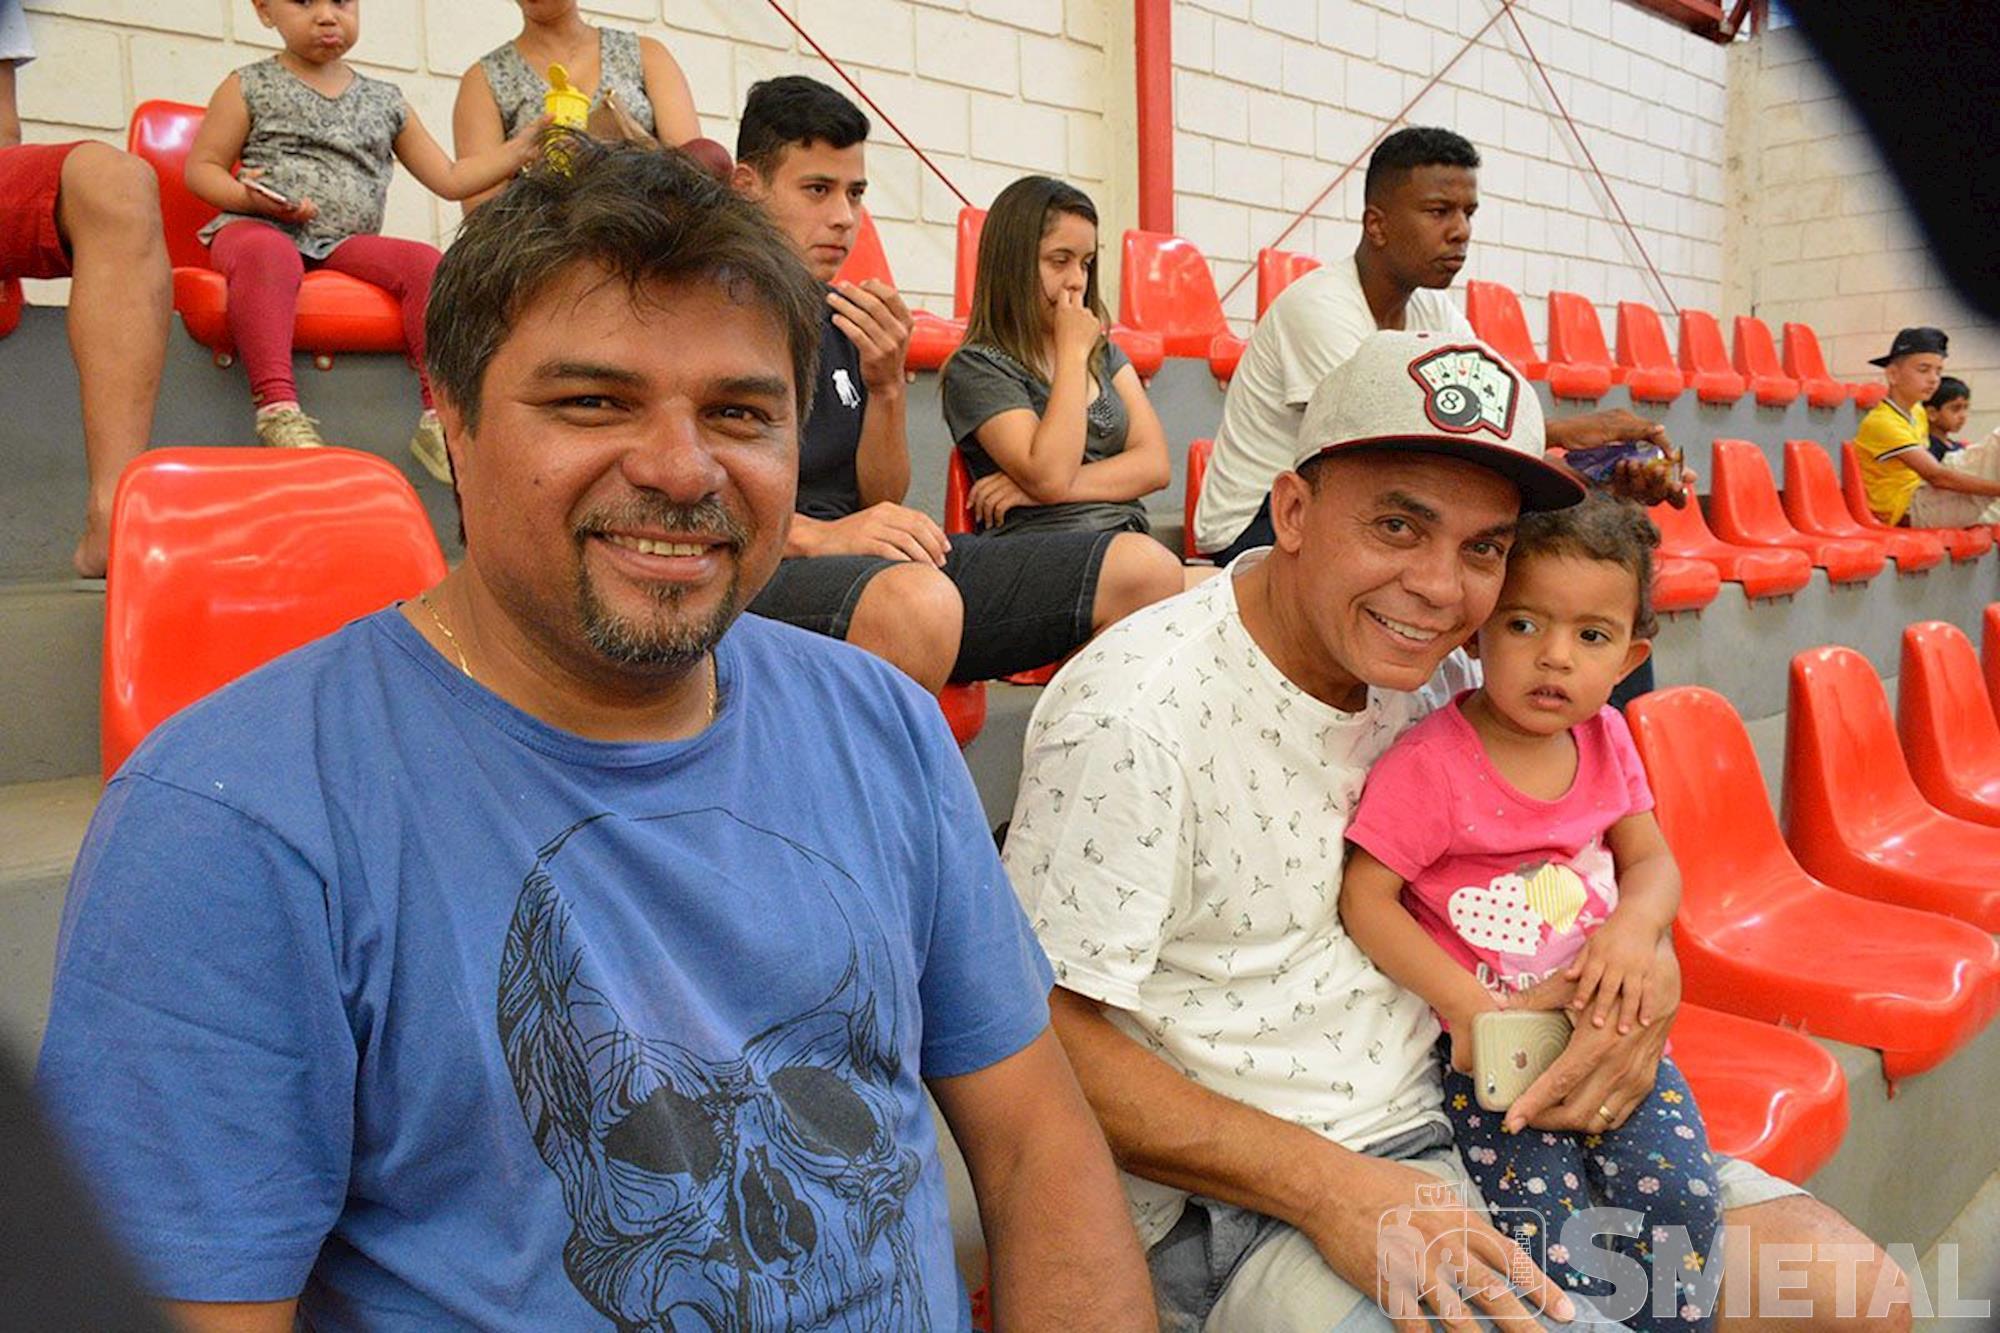 futsal,  papagaio,  smetal,  metalúrgico, Foguinho/Imprensa SMetal, Johnson Controls vence a edição 2017 da Taça Papagaio